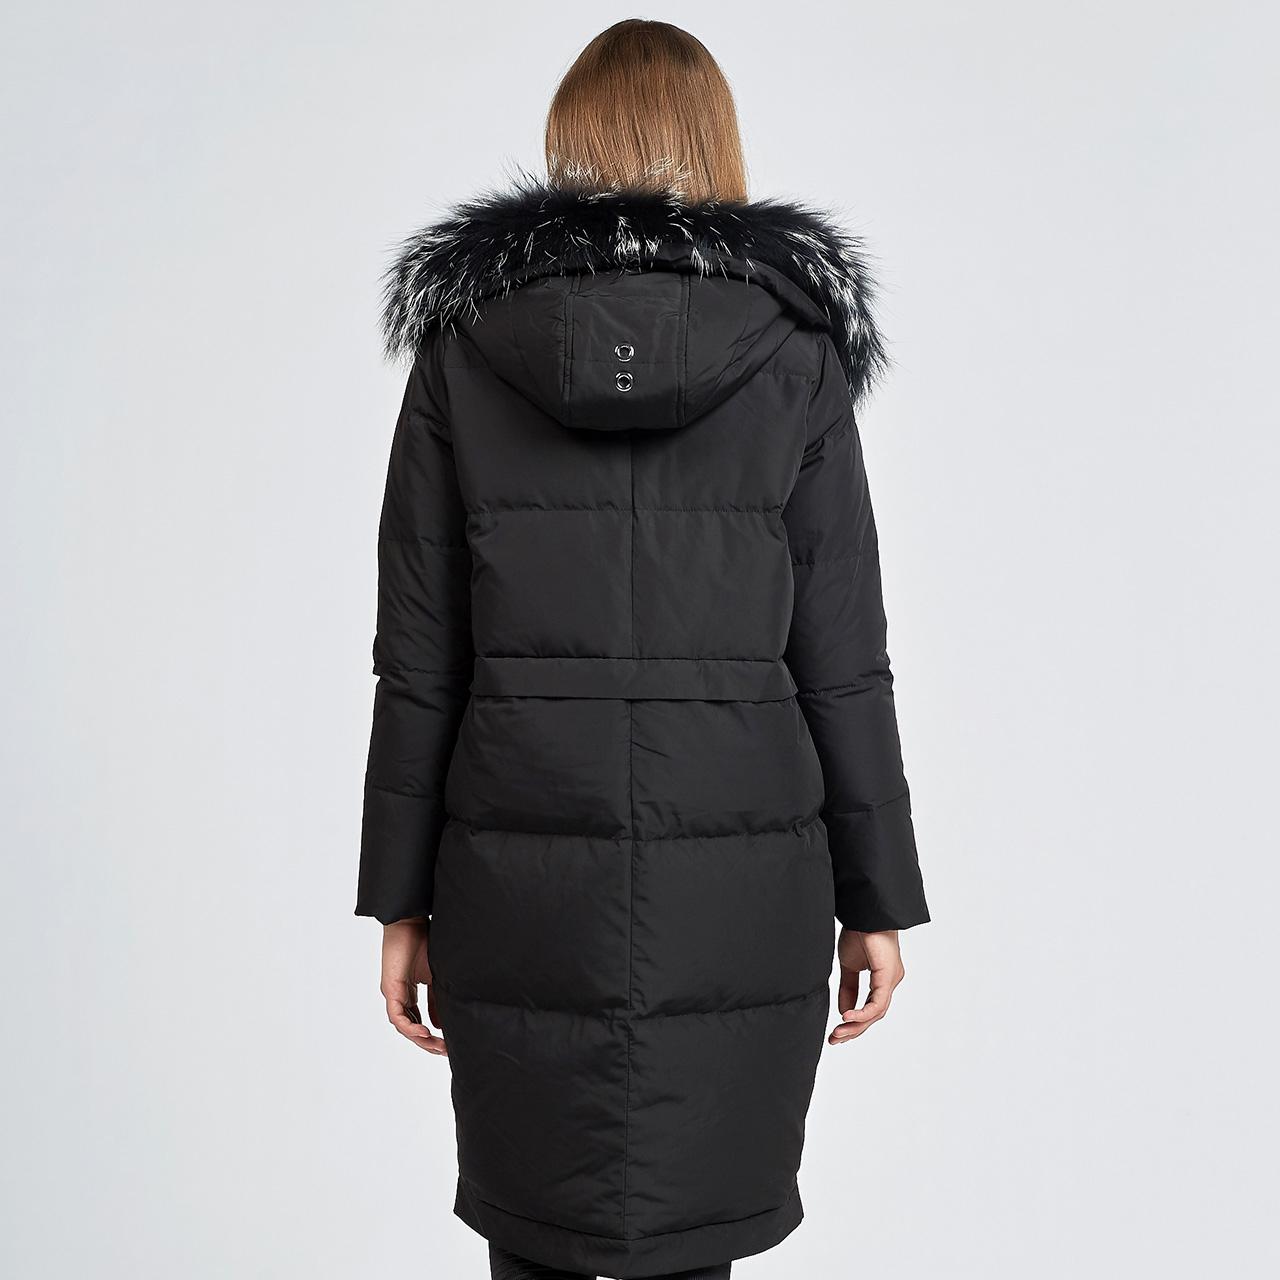 雪中飞2019秋冬反季羽绒服女中长款彩色大毛领加厚款过膝保暖外套